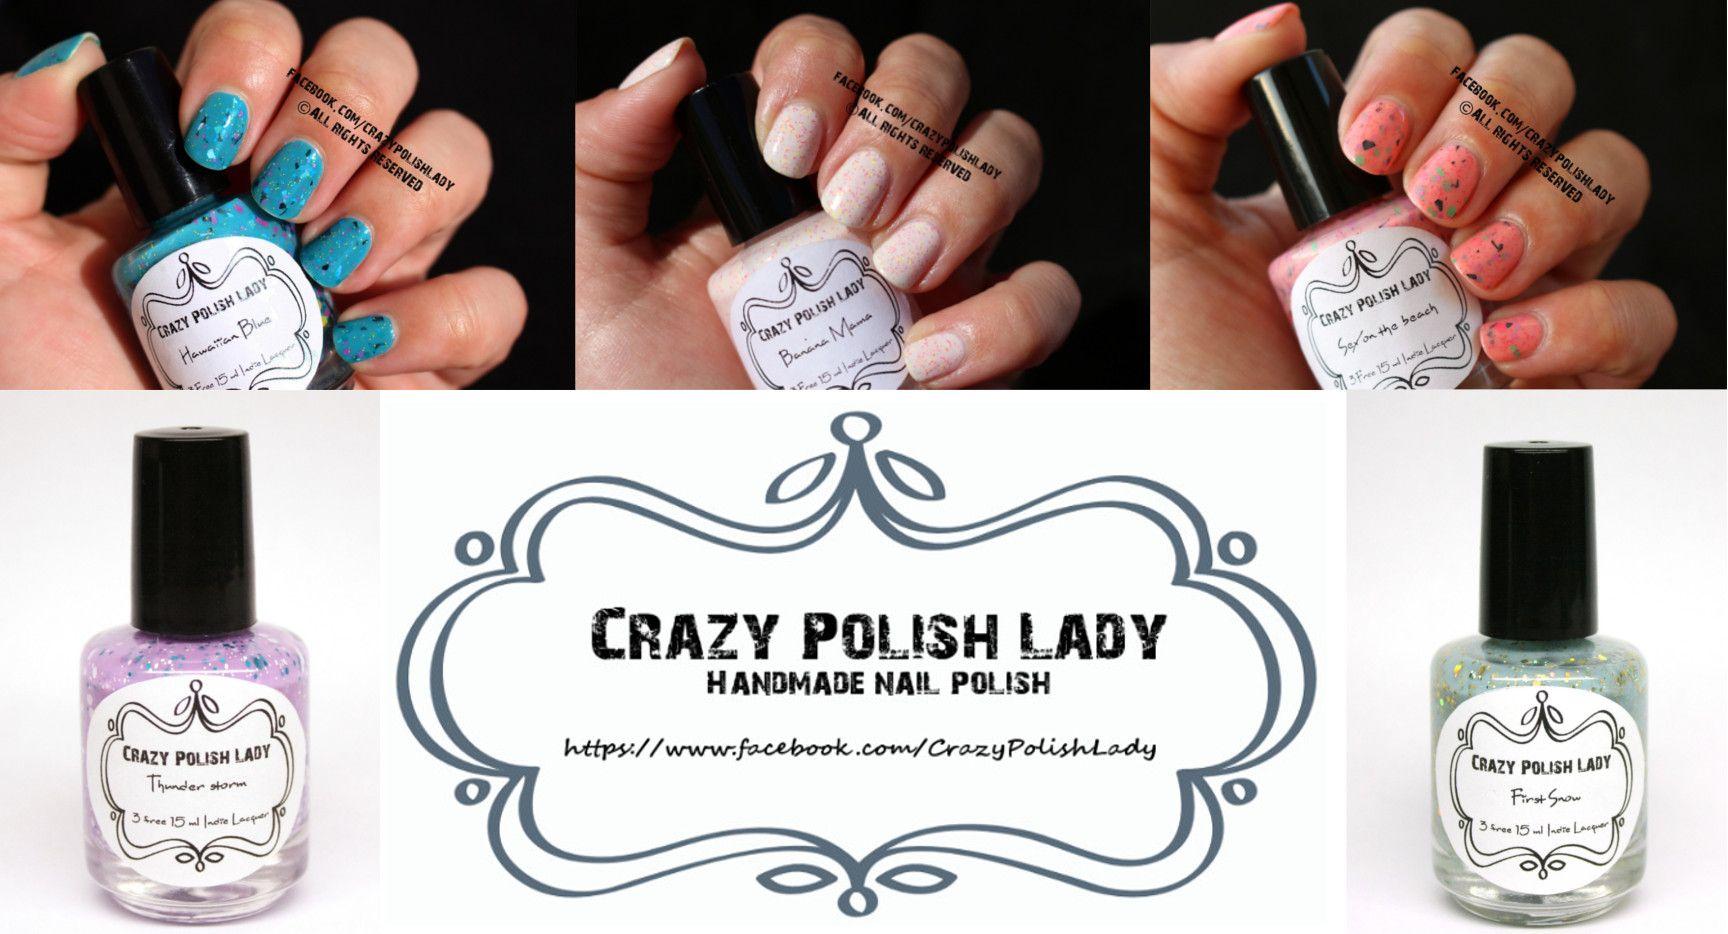 """#Vernizes artesanais hipoalergénicos, produtos #caseiros, produtos #portugueses, no #caseiropt por """"Crazy Polish Lady"""" em Oliveira de Azemeis, Aveiro."""